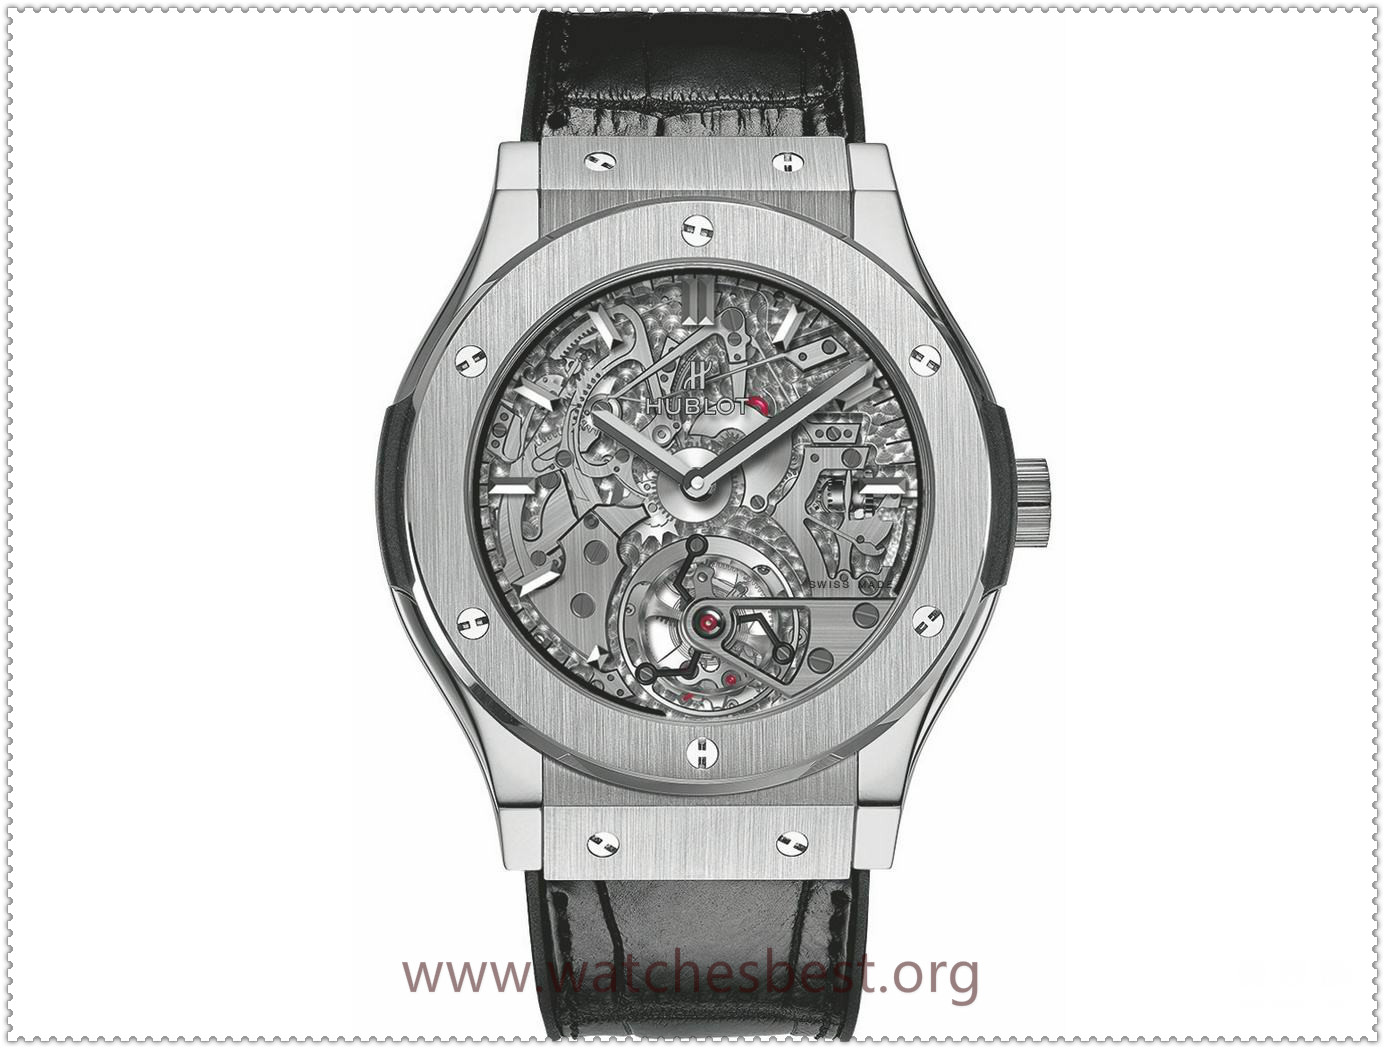 http://www.watchesbest.org